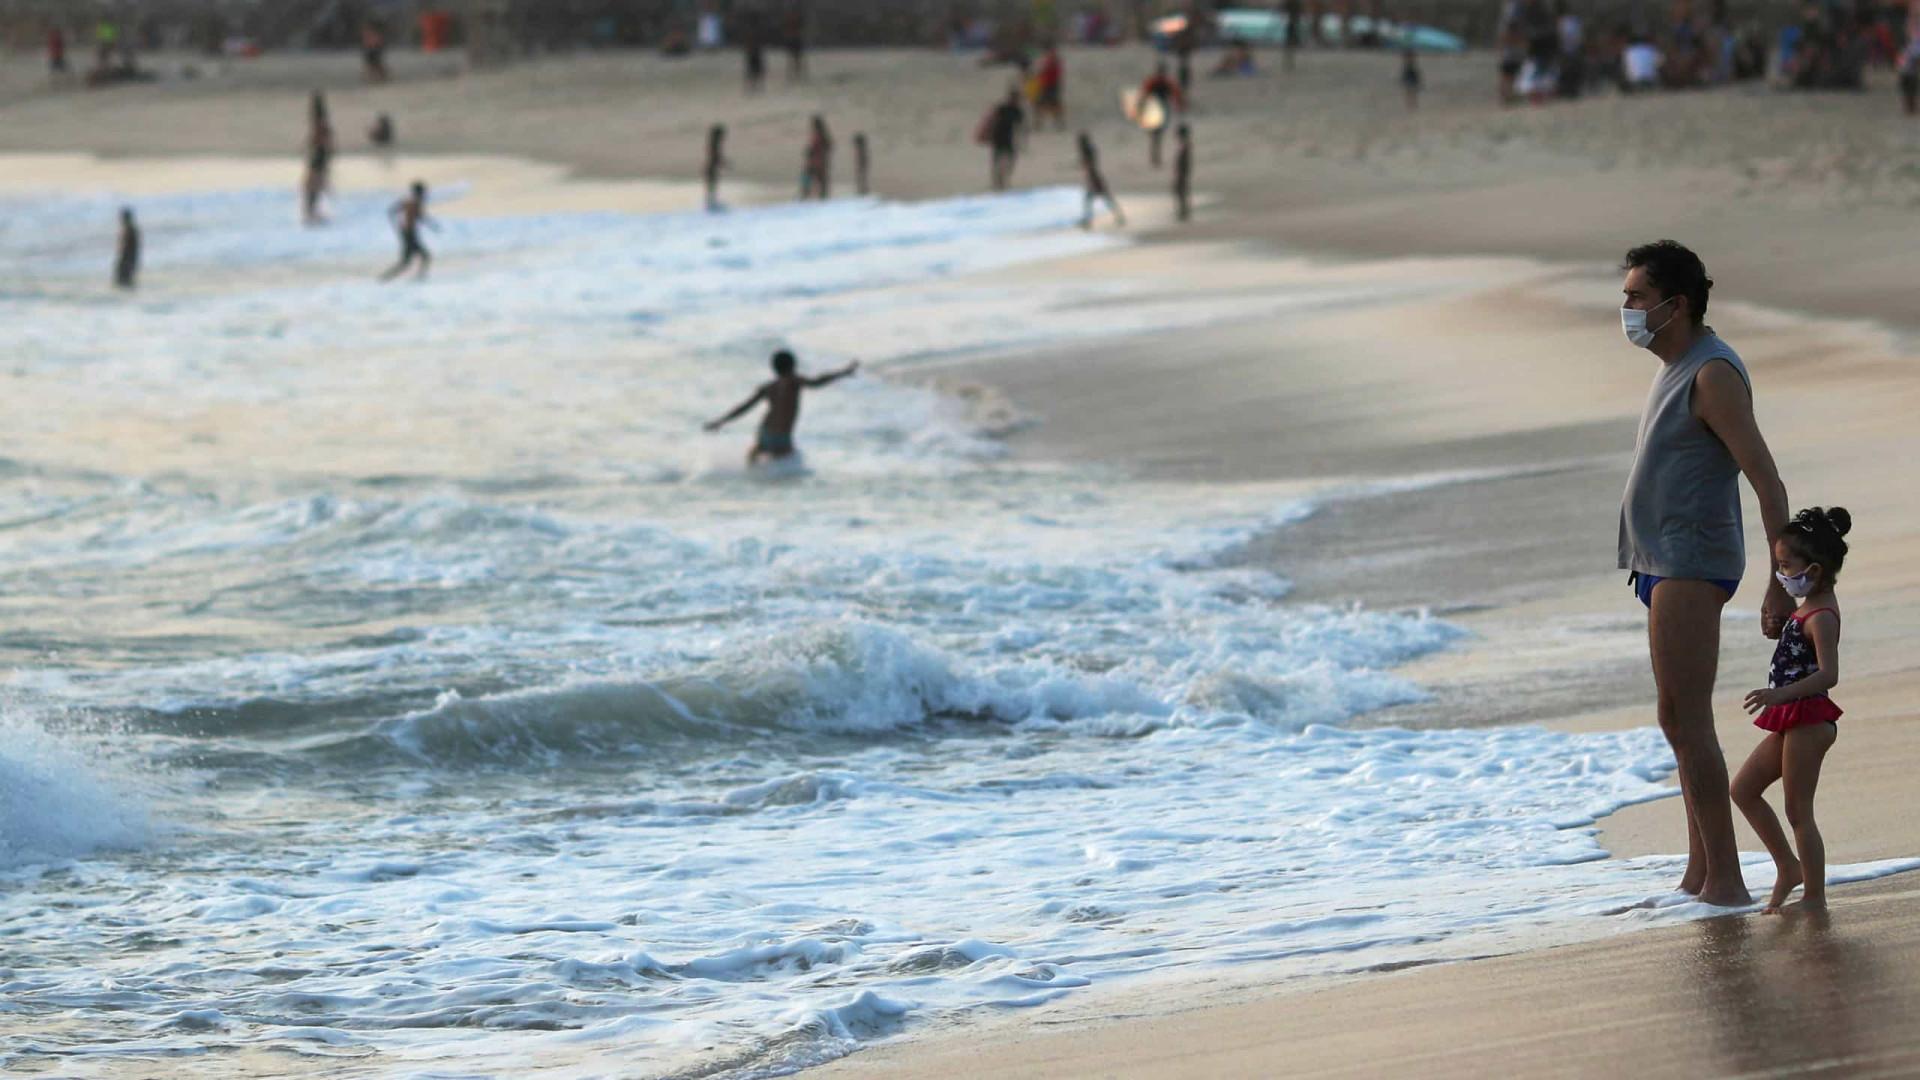 Raio mata menina de quatro anos em praia do Rio de Janeiro